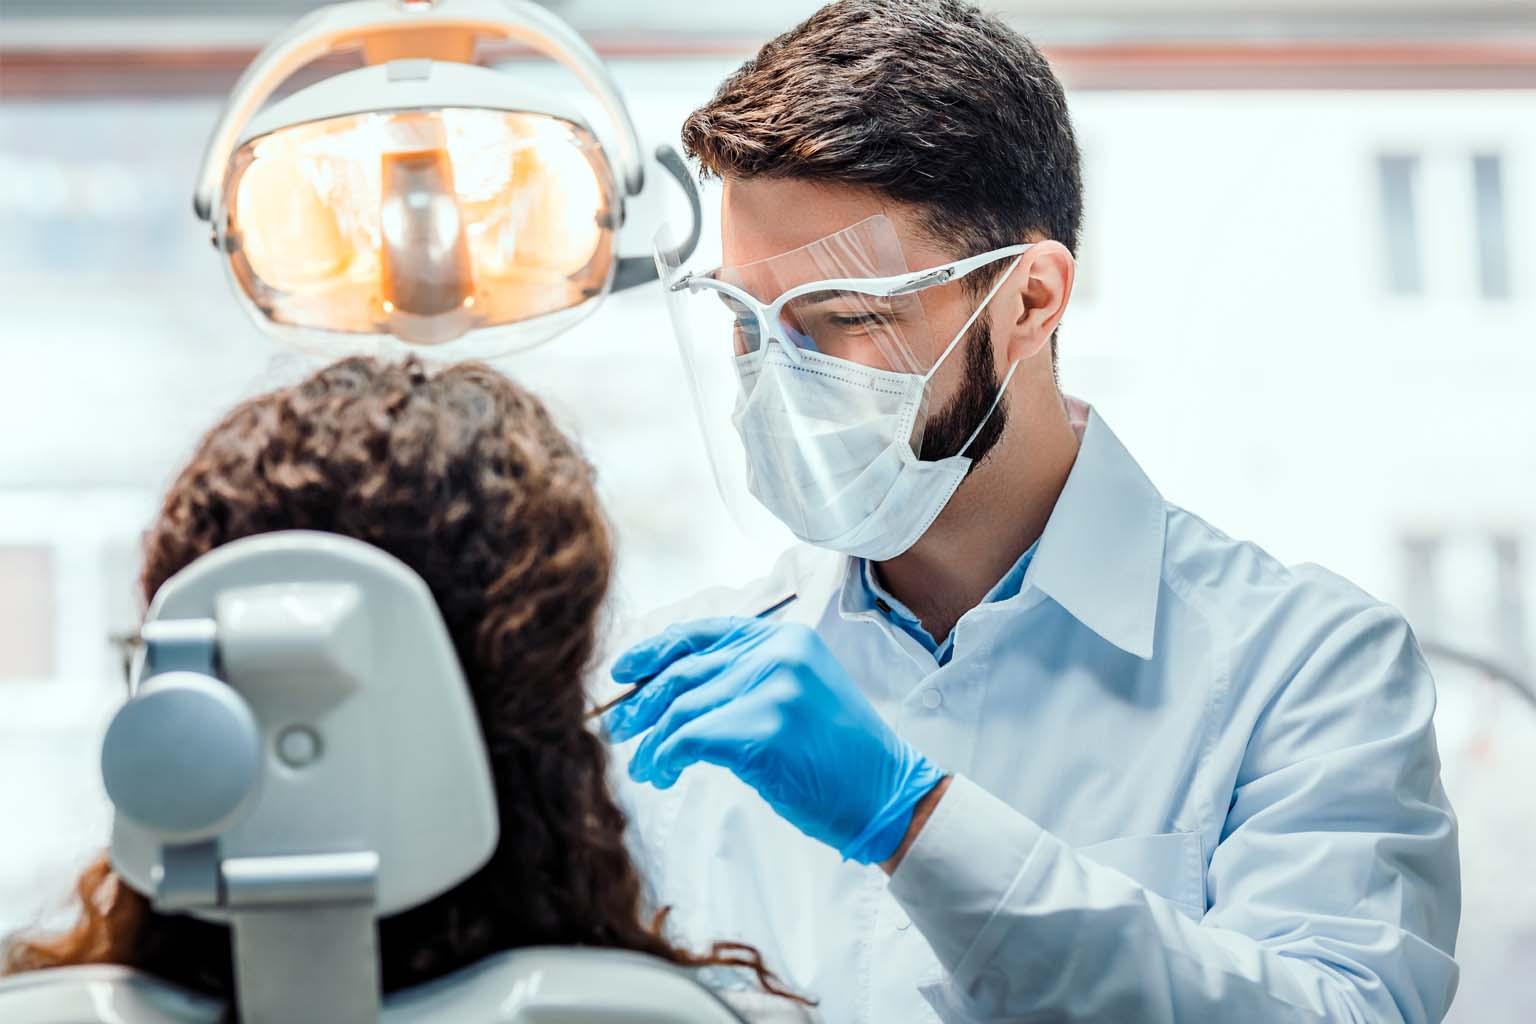 patient undergoing dental procedure